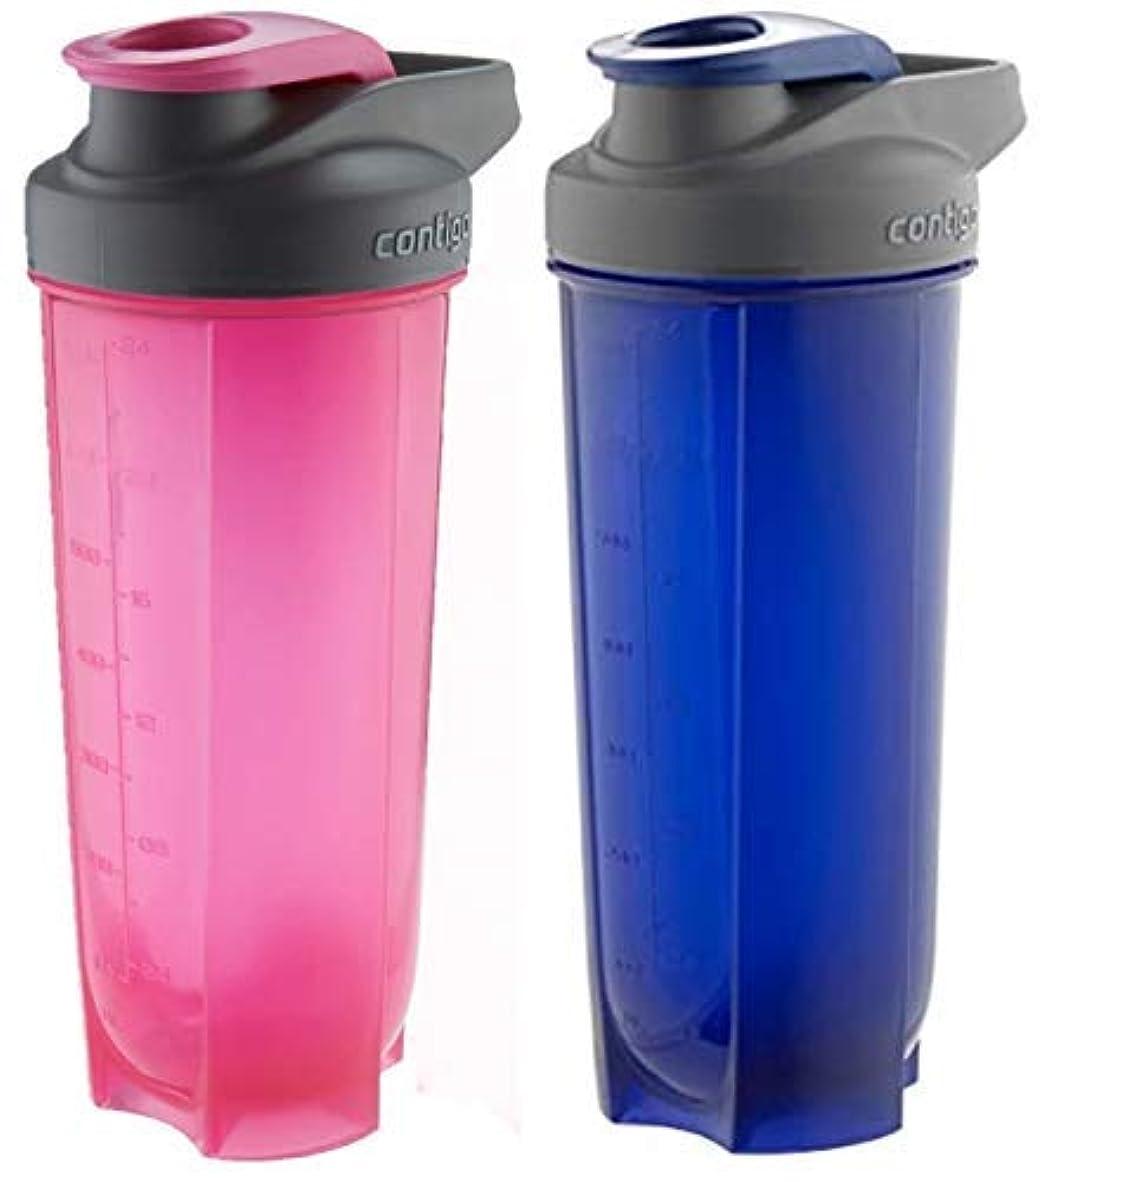 不毛の二年生建物Contigo Shake & Go Fit Bottles, 28 Oz / 828 ml Each, Two Pack, Pink & Blue, His & Hers Shaker Bottles [並行輸入品]